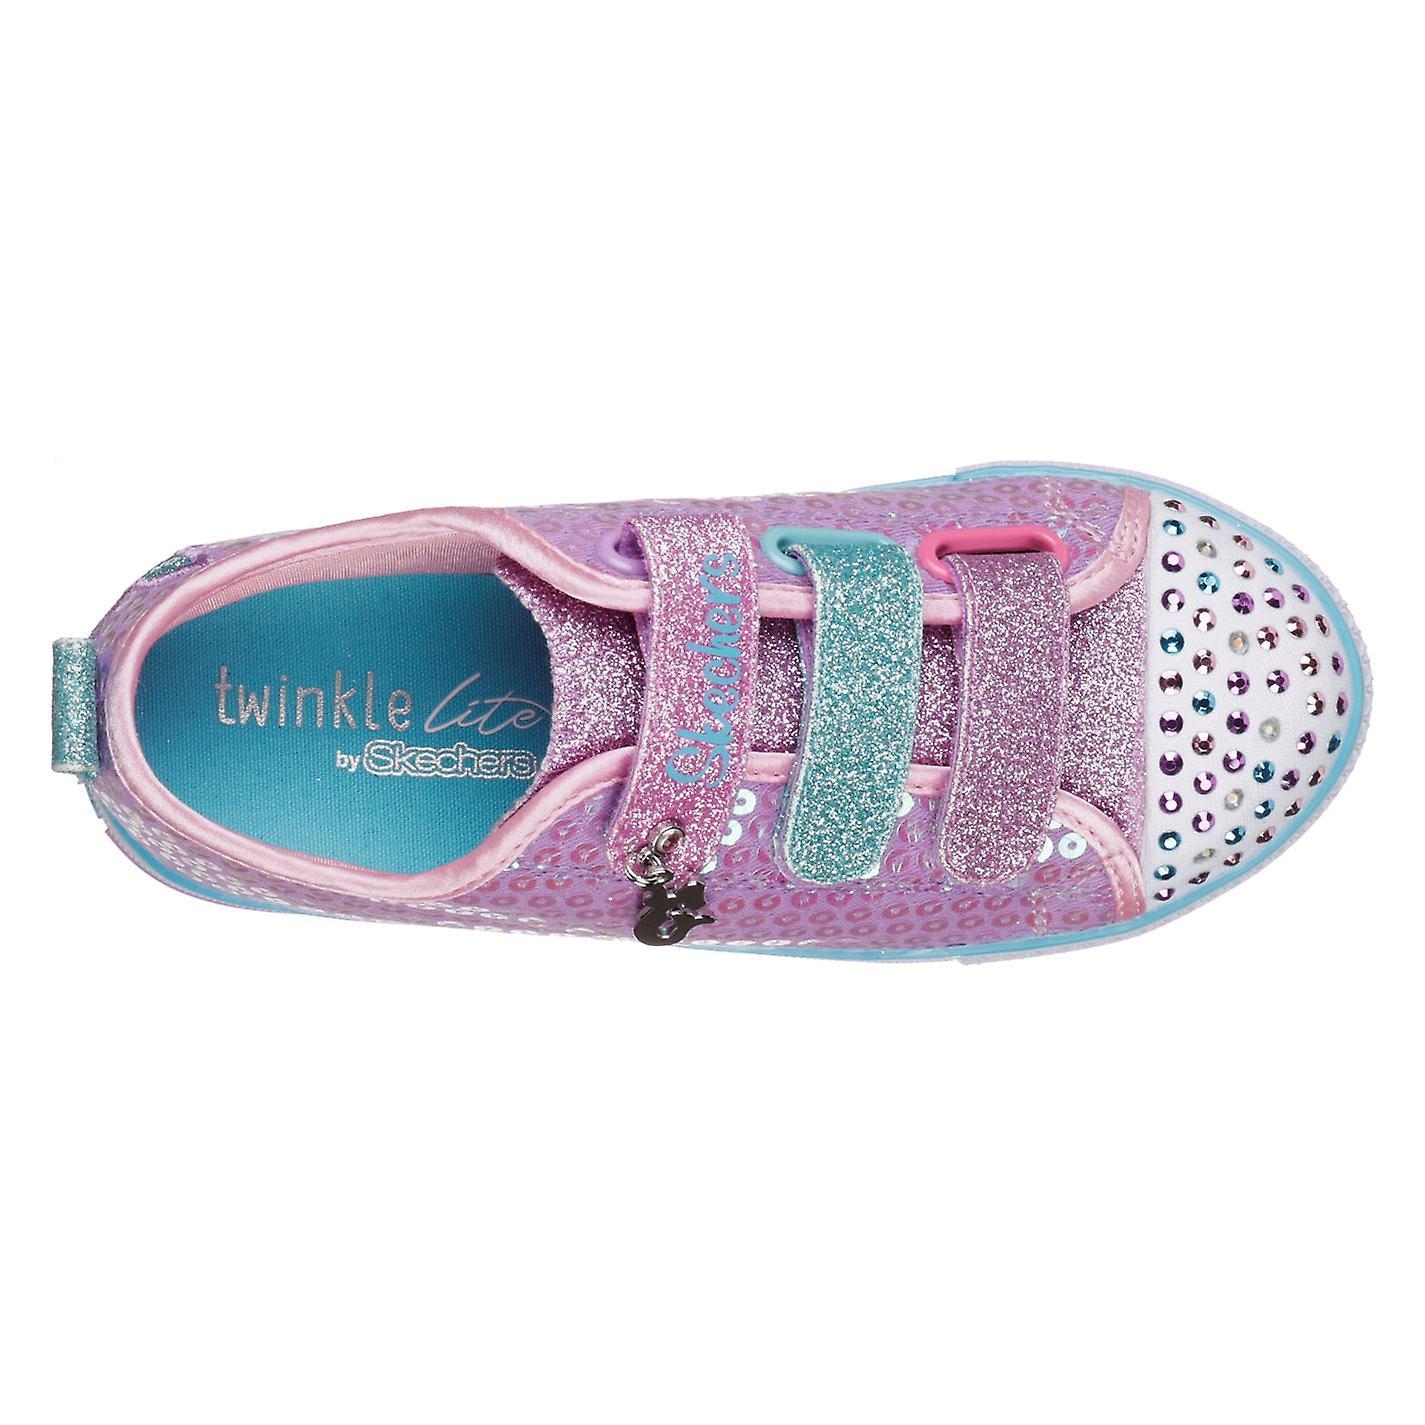 Skechers Kids Junior twinkle tenen zeemeermin magische zuigelingen trainers schoenen - Gratis verzending nulB2k